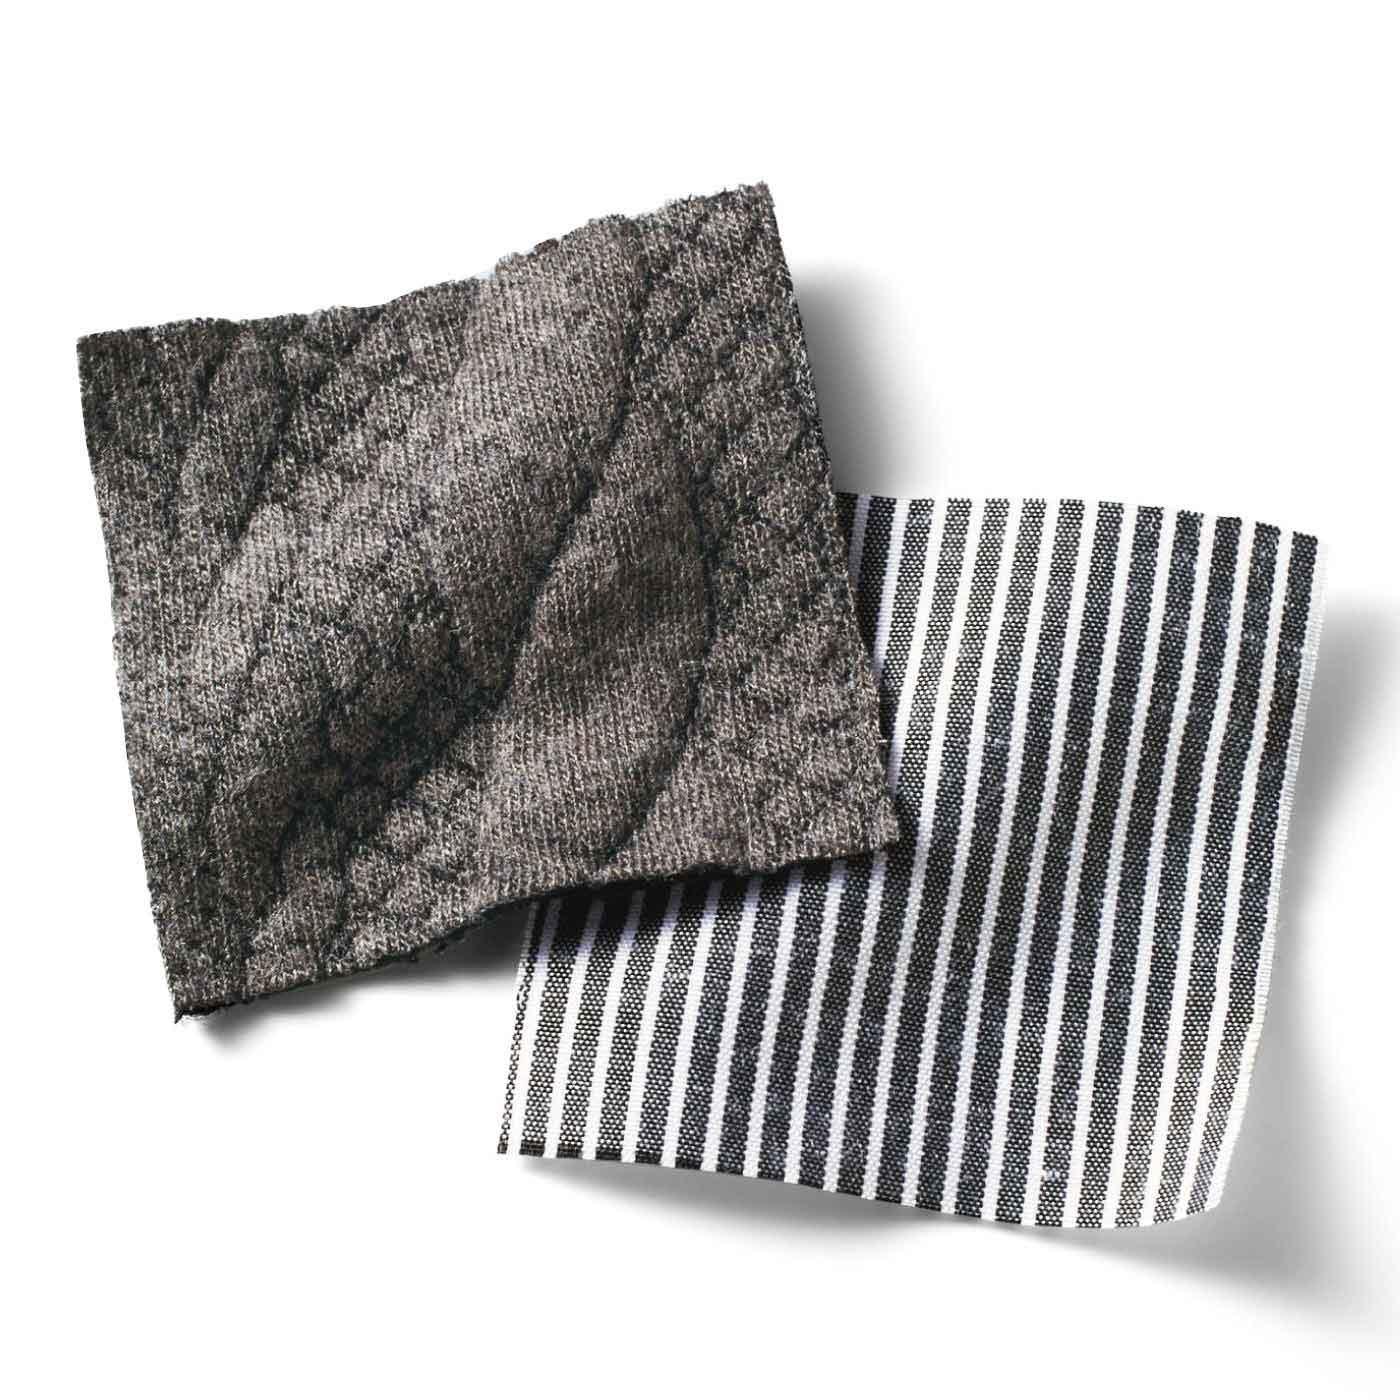 編み柄風のカットソーキルトとストライプのシャツ素材。 ※お届けするカラーとは異なります。